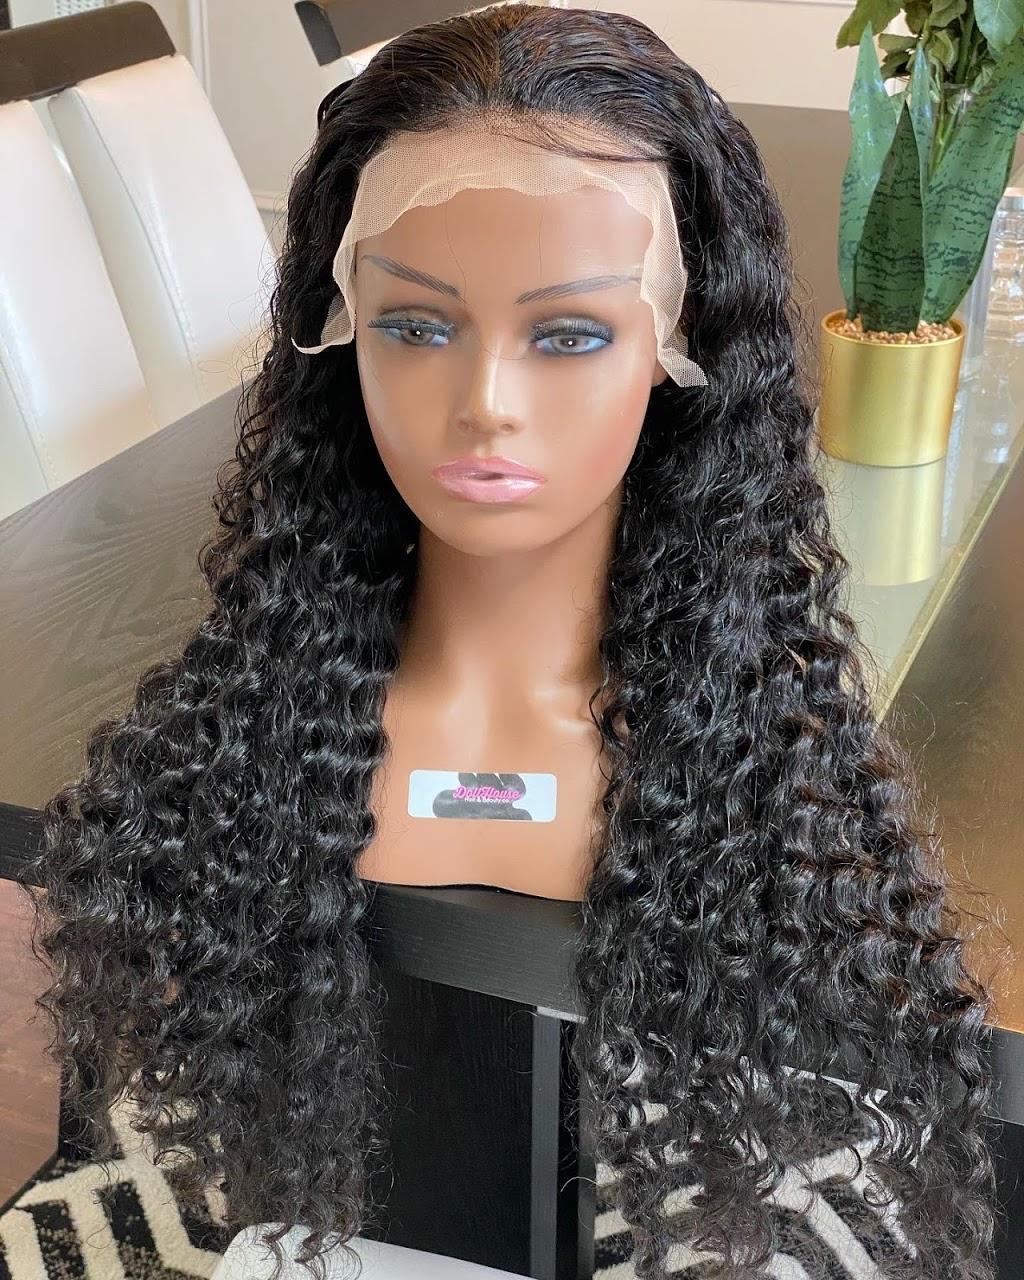 Dollhouse Hair & Beauty co. - hair care    Photo 1 of 10   Address: 1655 Mansell Rd #242, Alpharetta, GA 30009, USA   Phone: (470) 502-9597